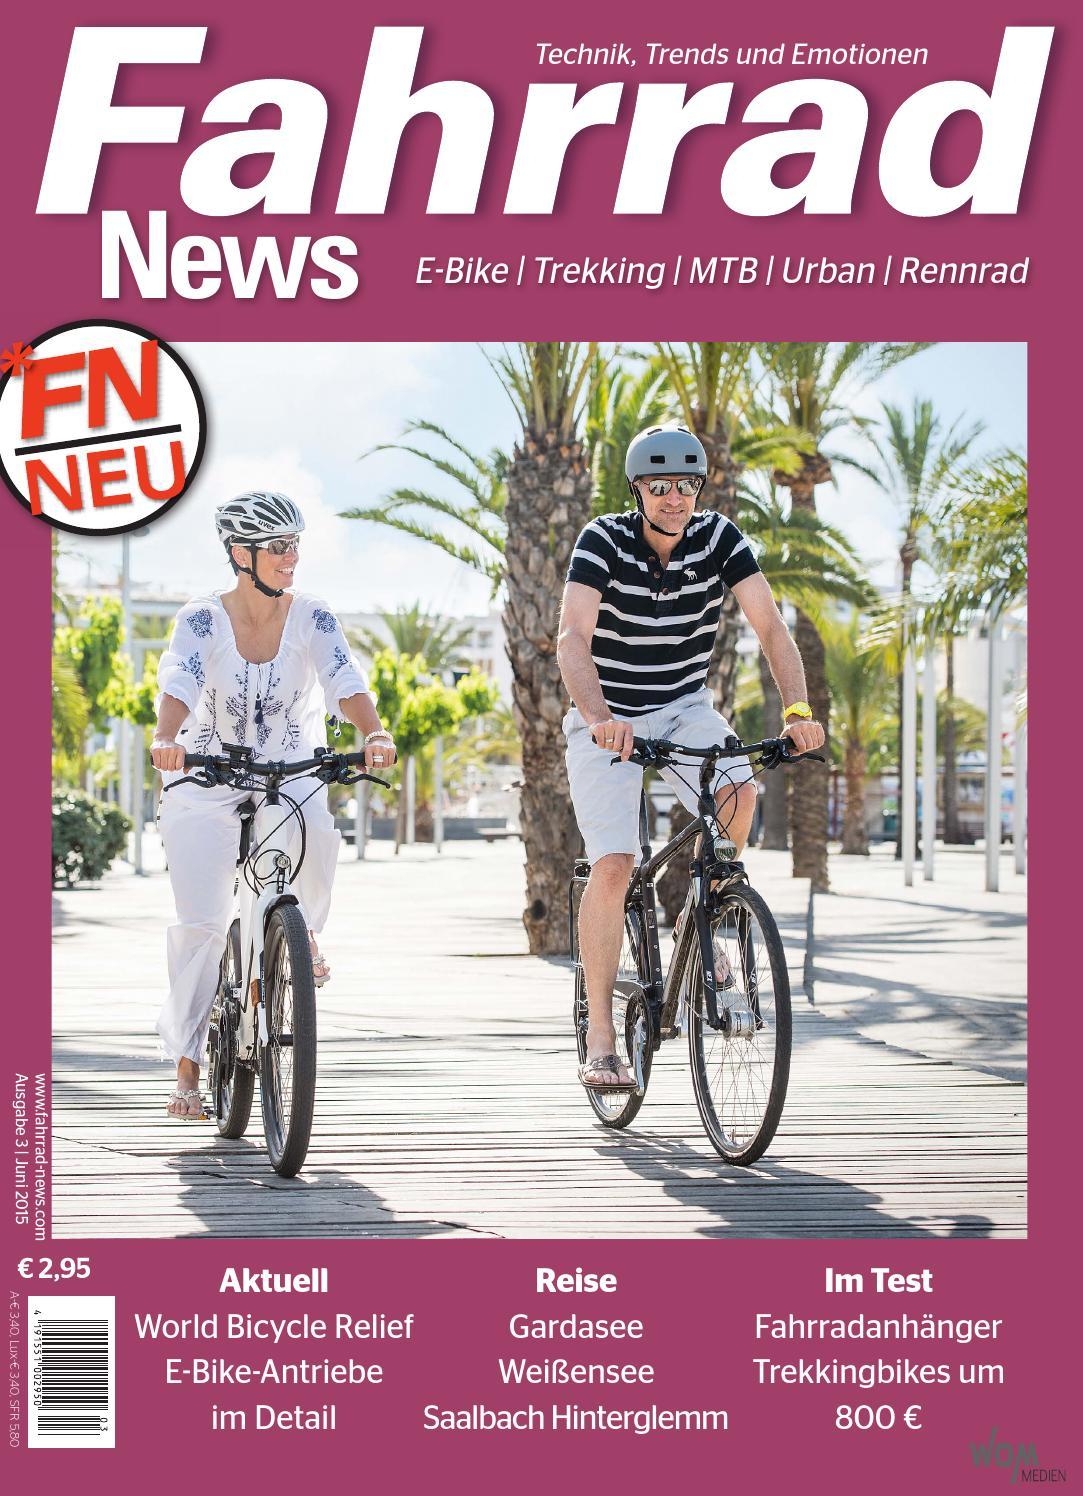 Fahrrad News 03.2015 by WOM Medien - issuu